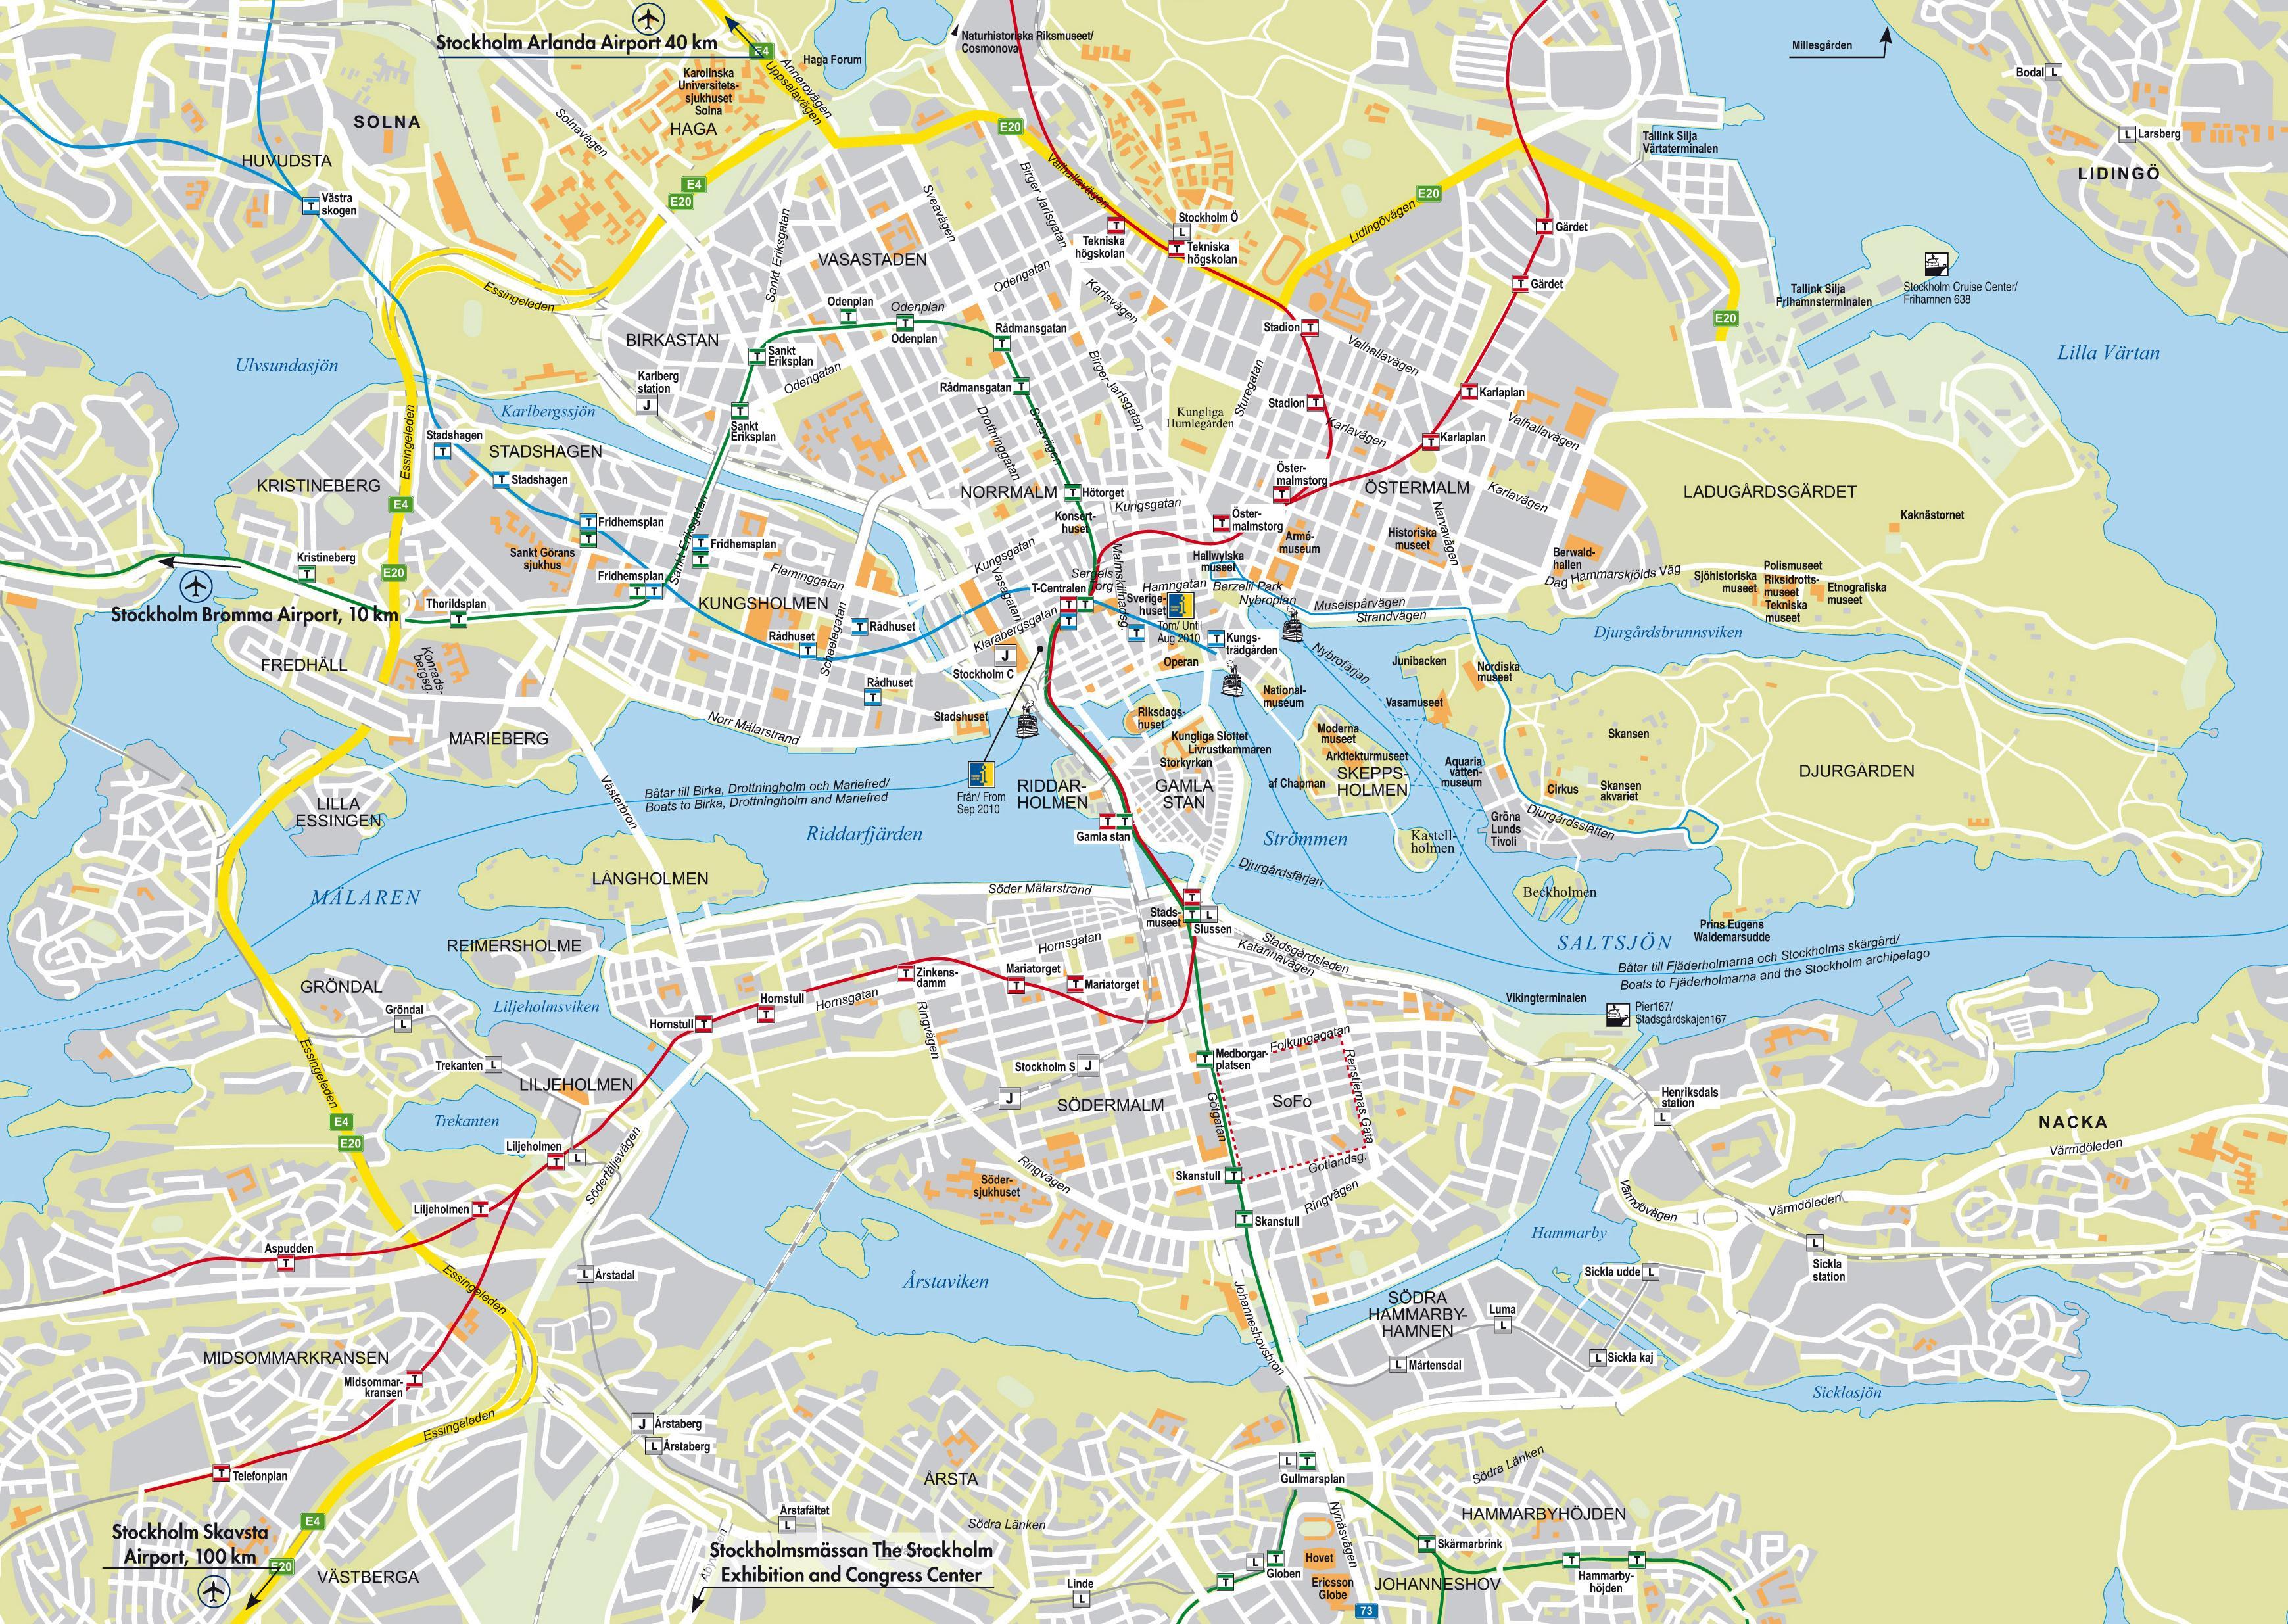 Karta Stockholm Drottninggatan.Stockholm City Map City Map Stockholm Sodermanland And Uppland